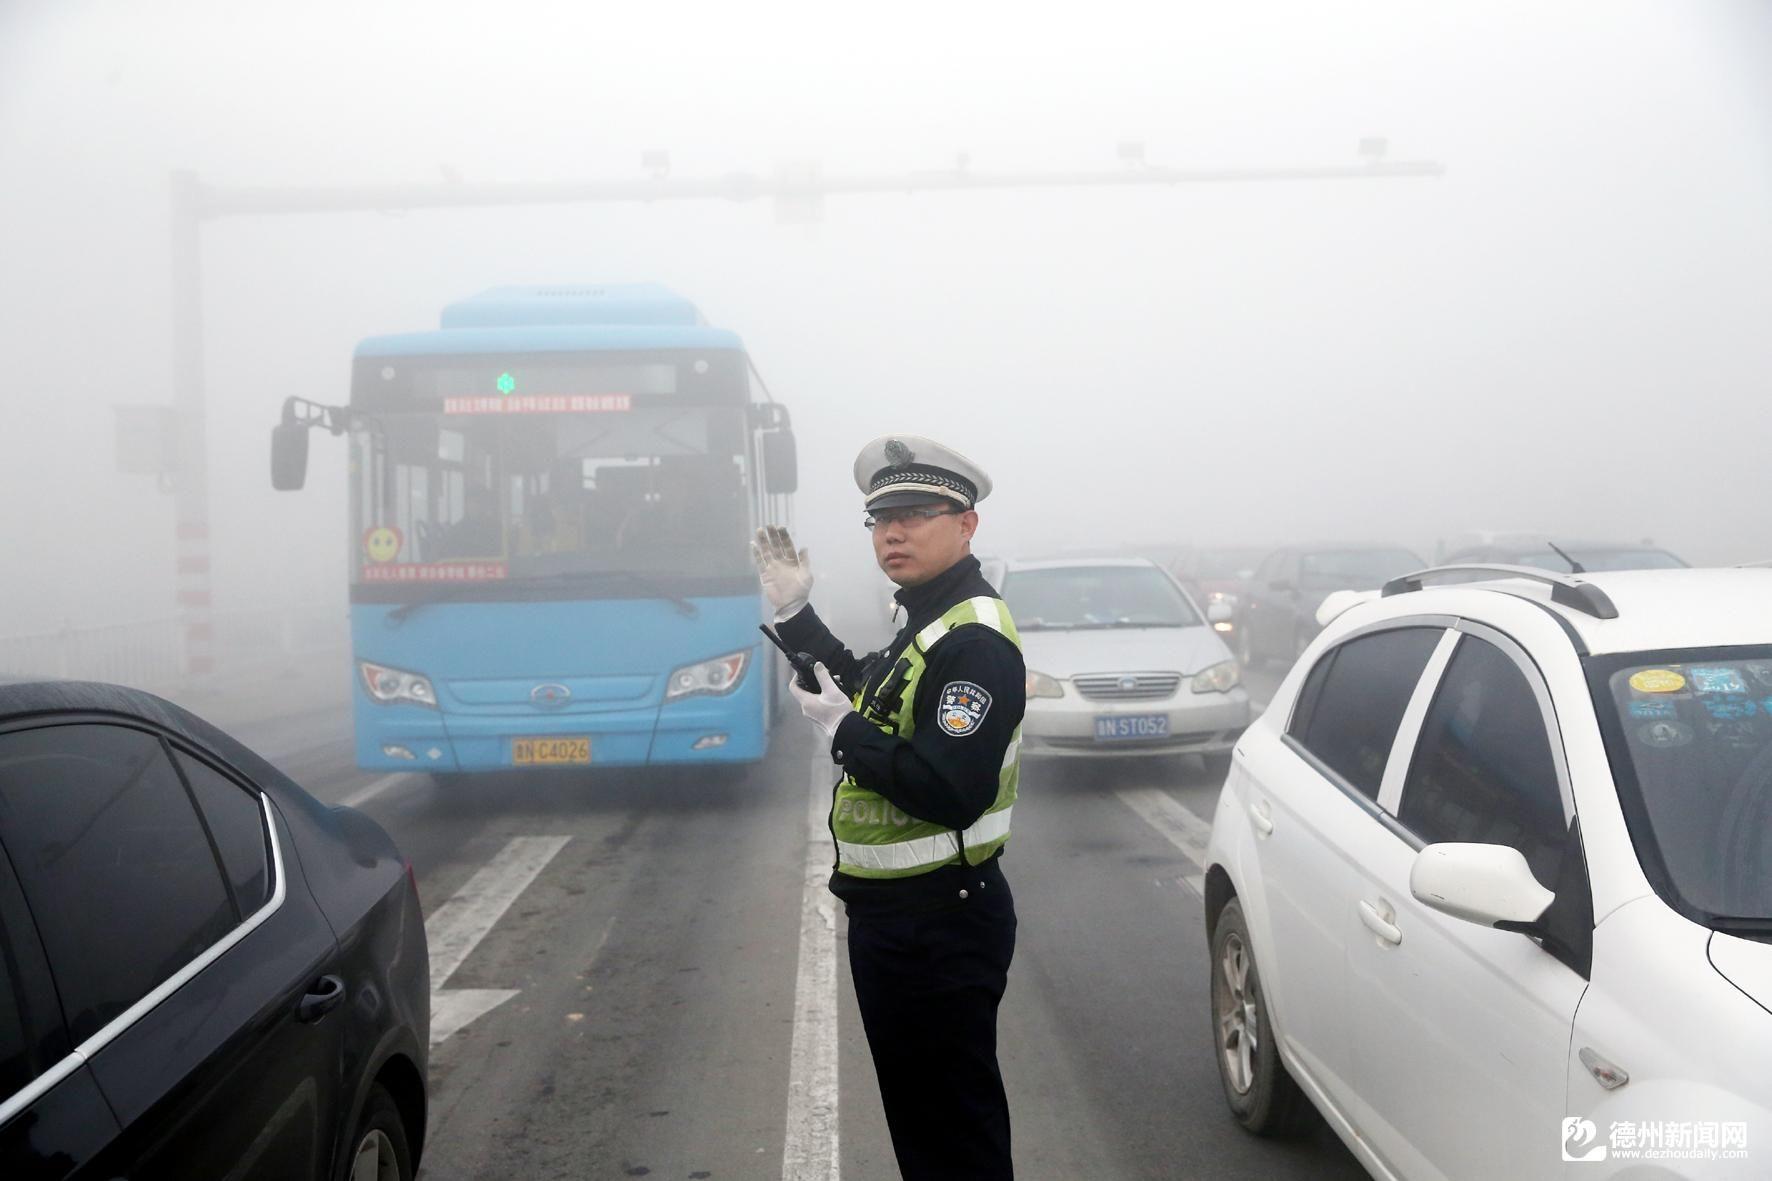 山东德州交警全员上路 全力保障道路交通安全畅通